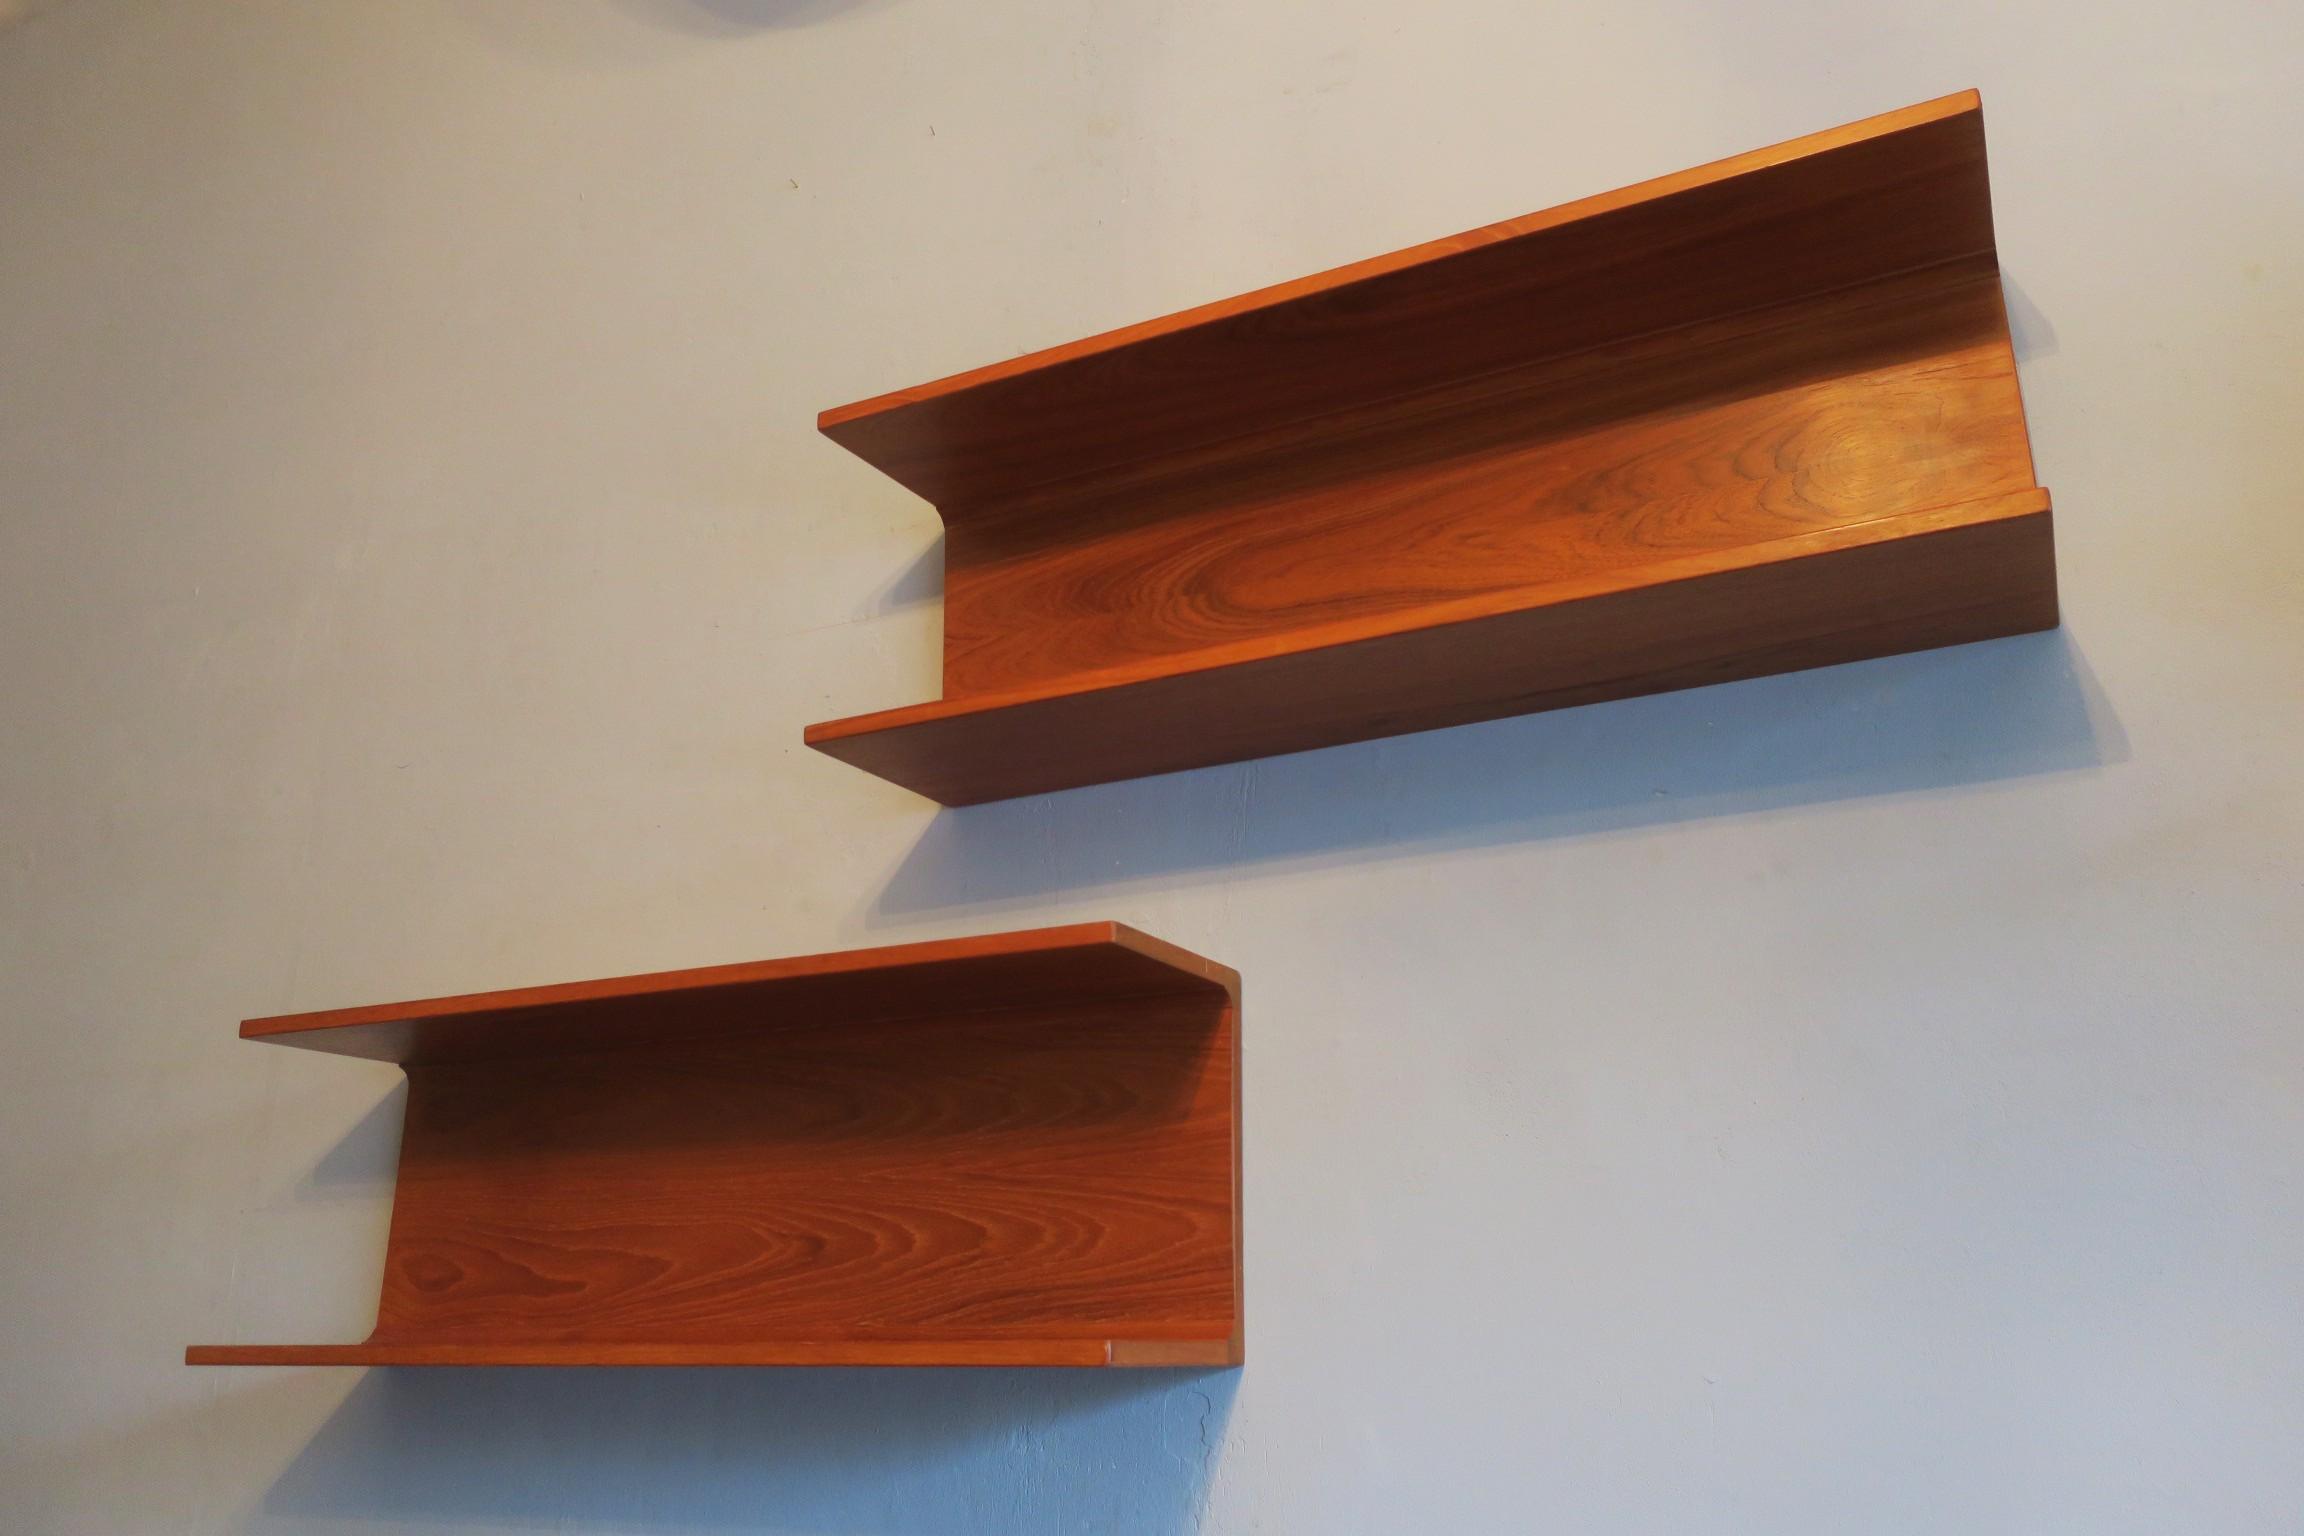 Pair Of Vintage Floating Teak Shelves By Pedersen And